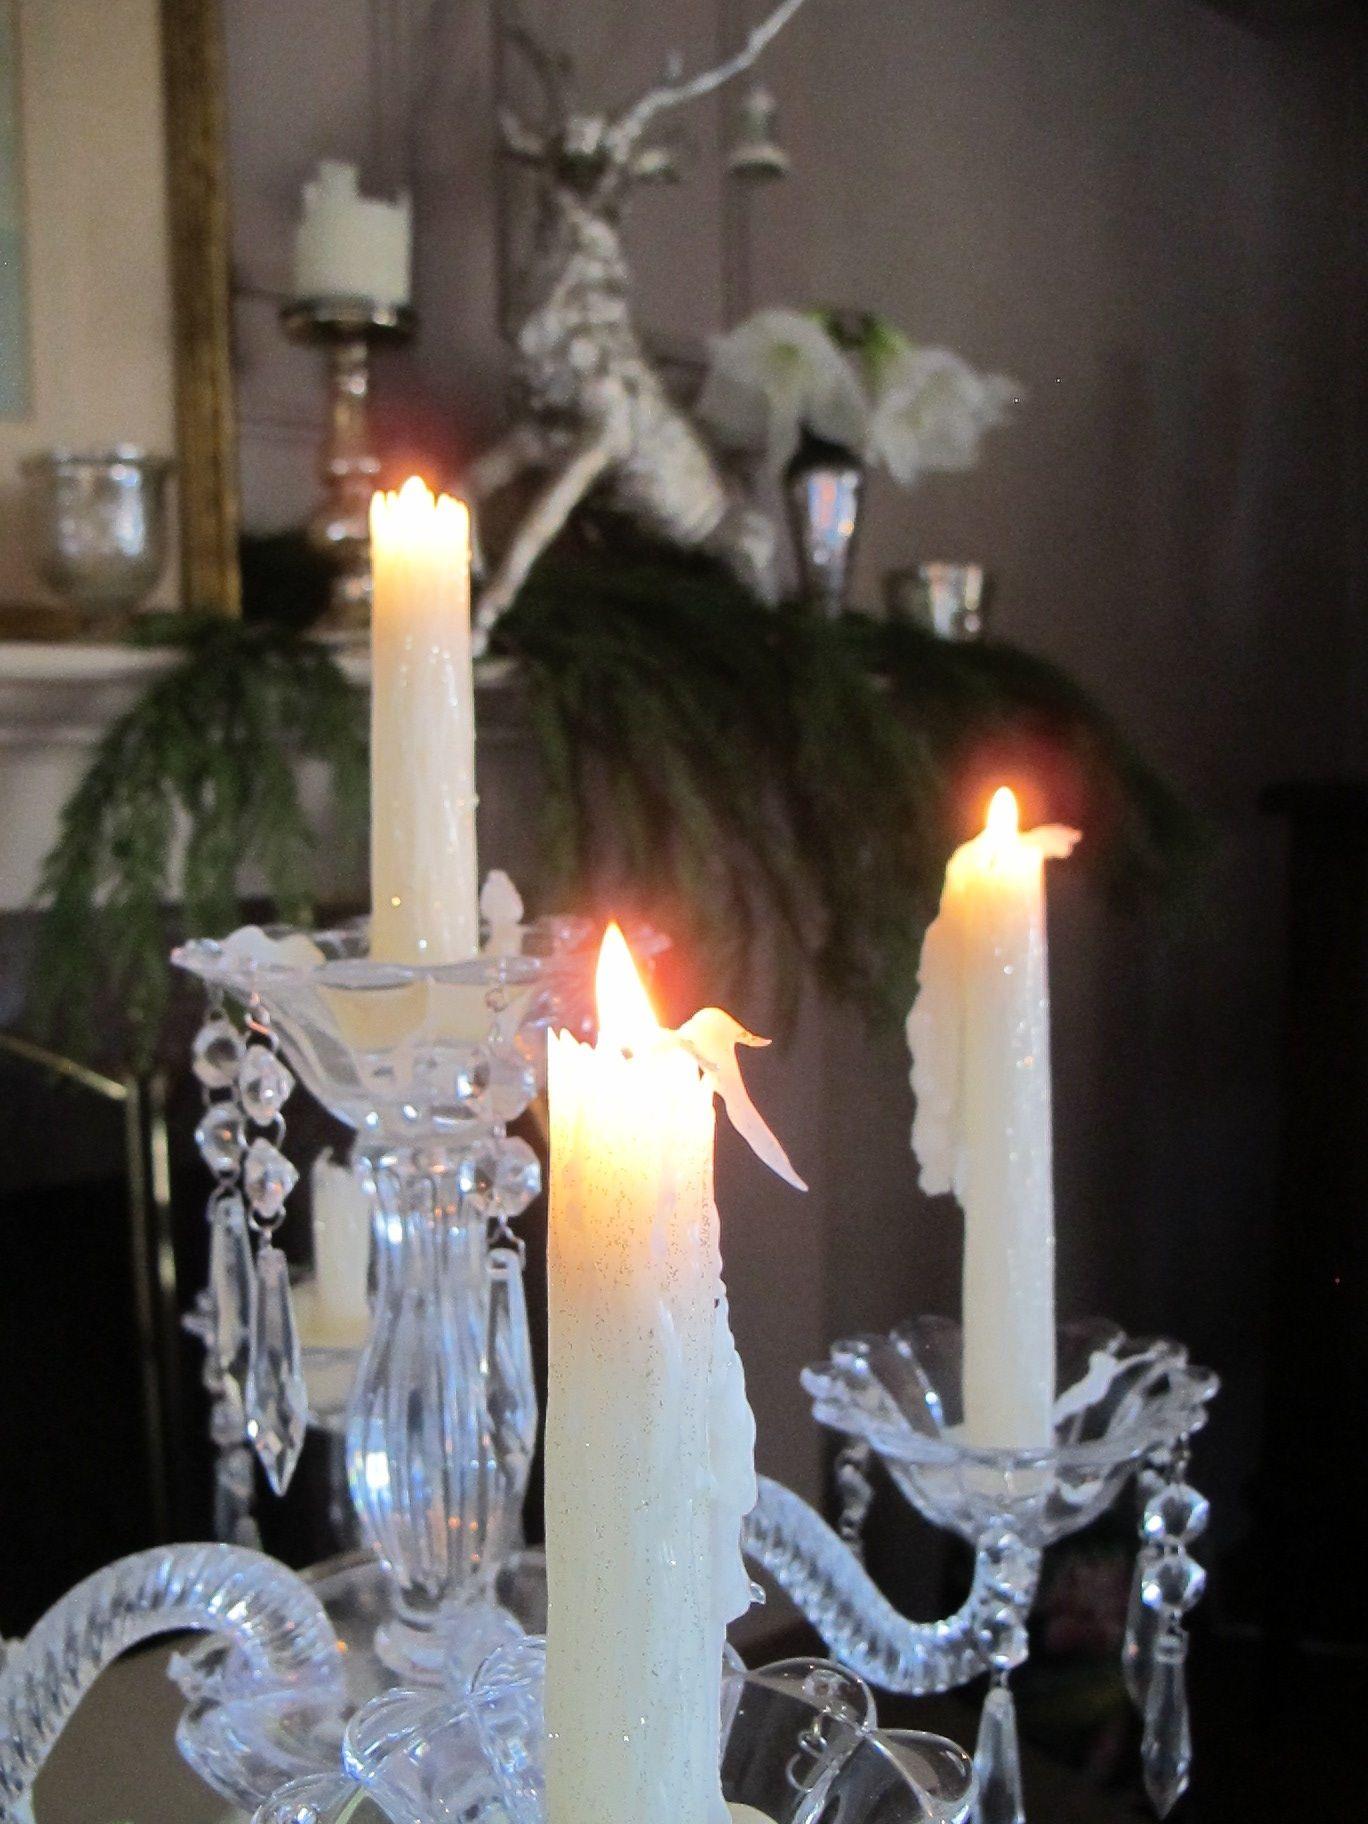 Candlelight on my Christmas mantel...